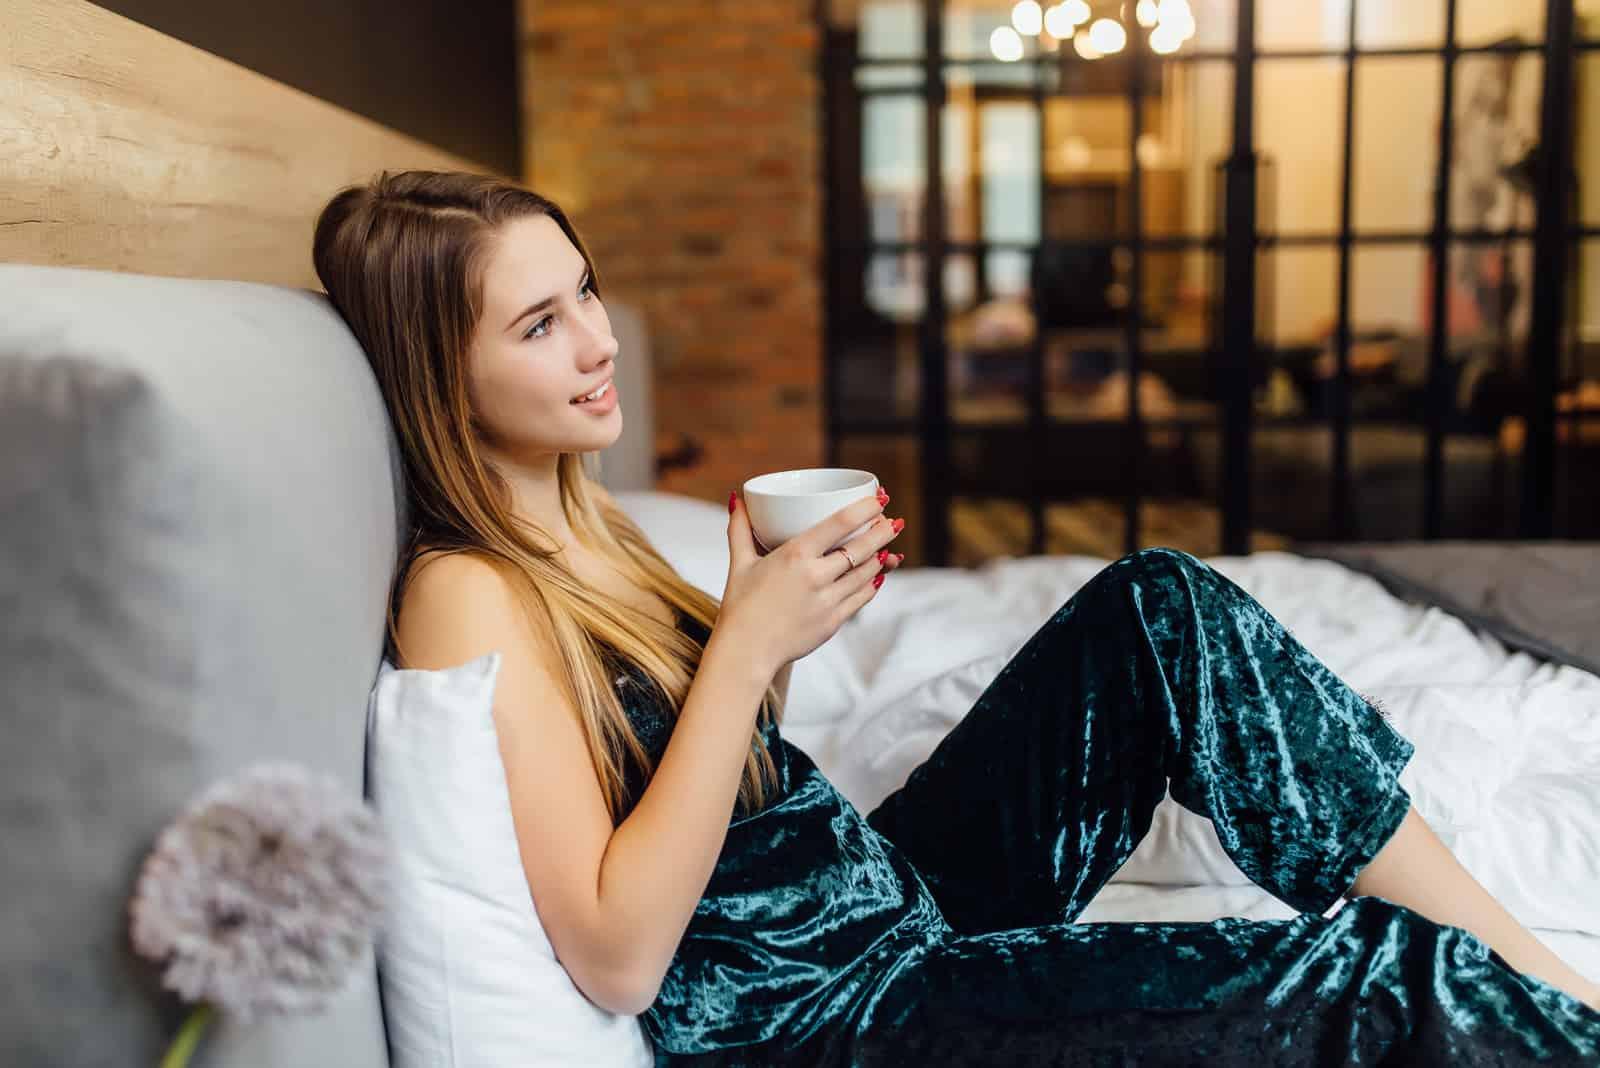 eine lächelnde frau liegt im bett und trinkt kaffee